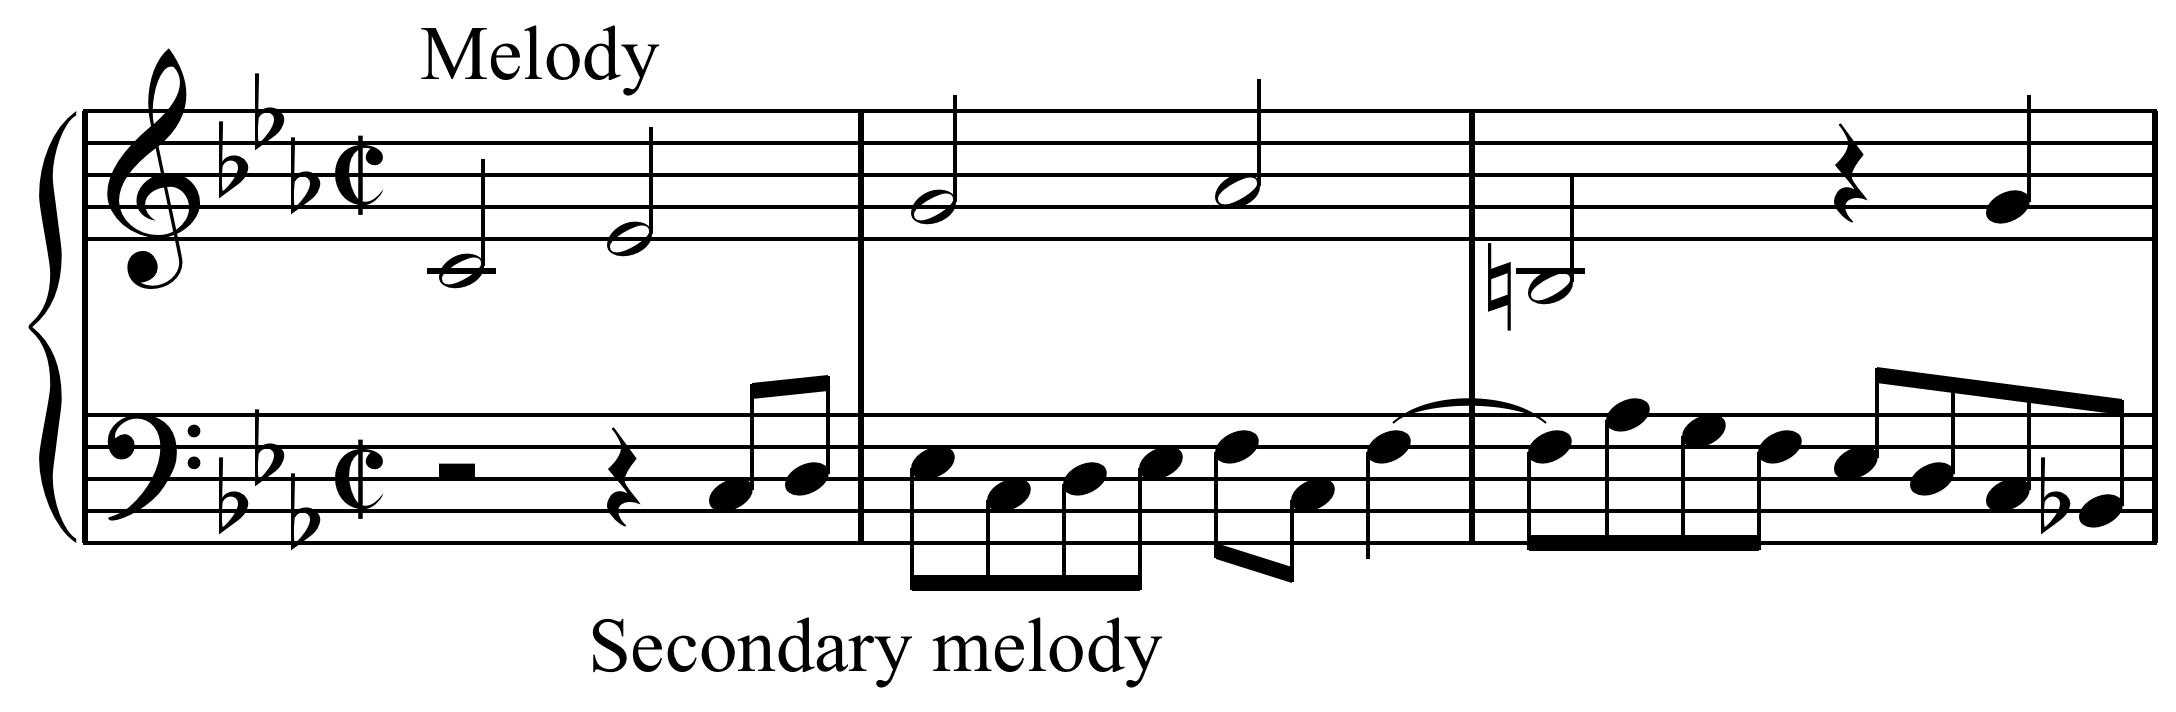 Counter-melody - Wikipedia